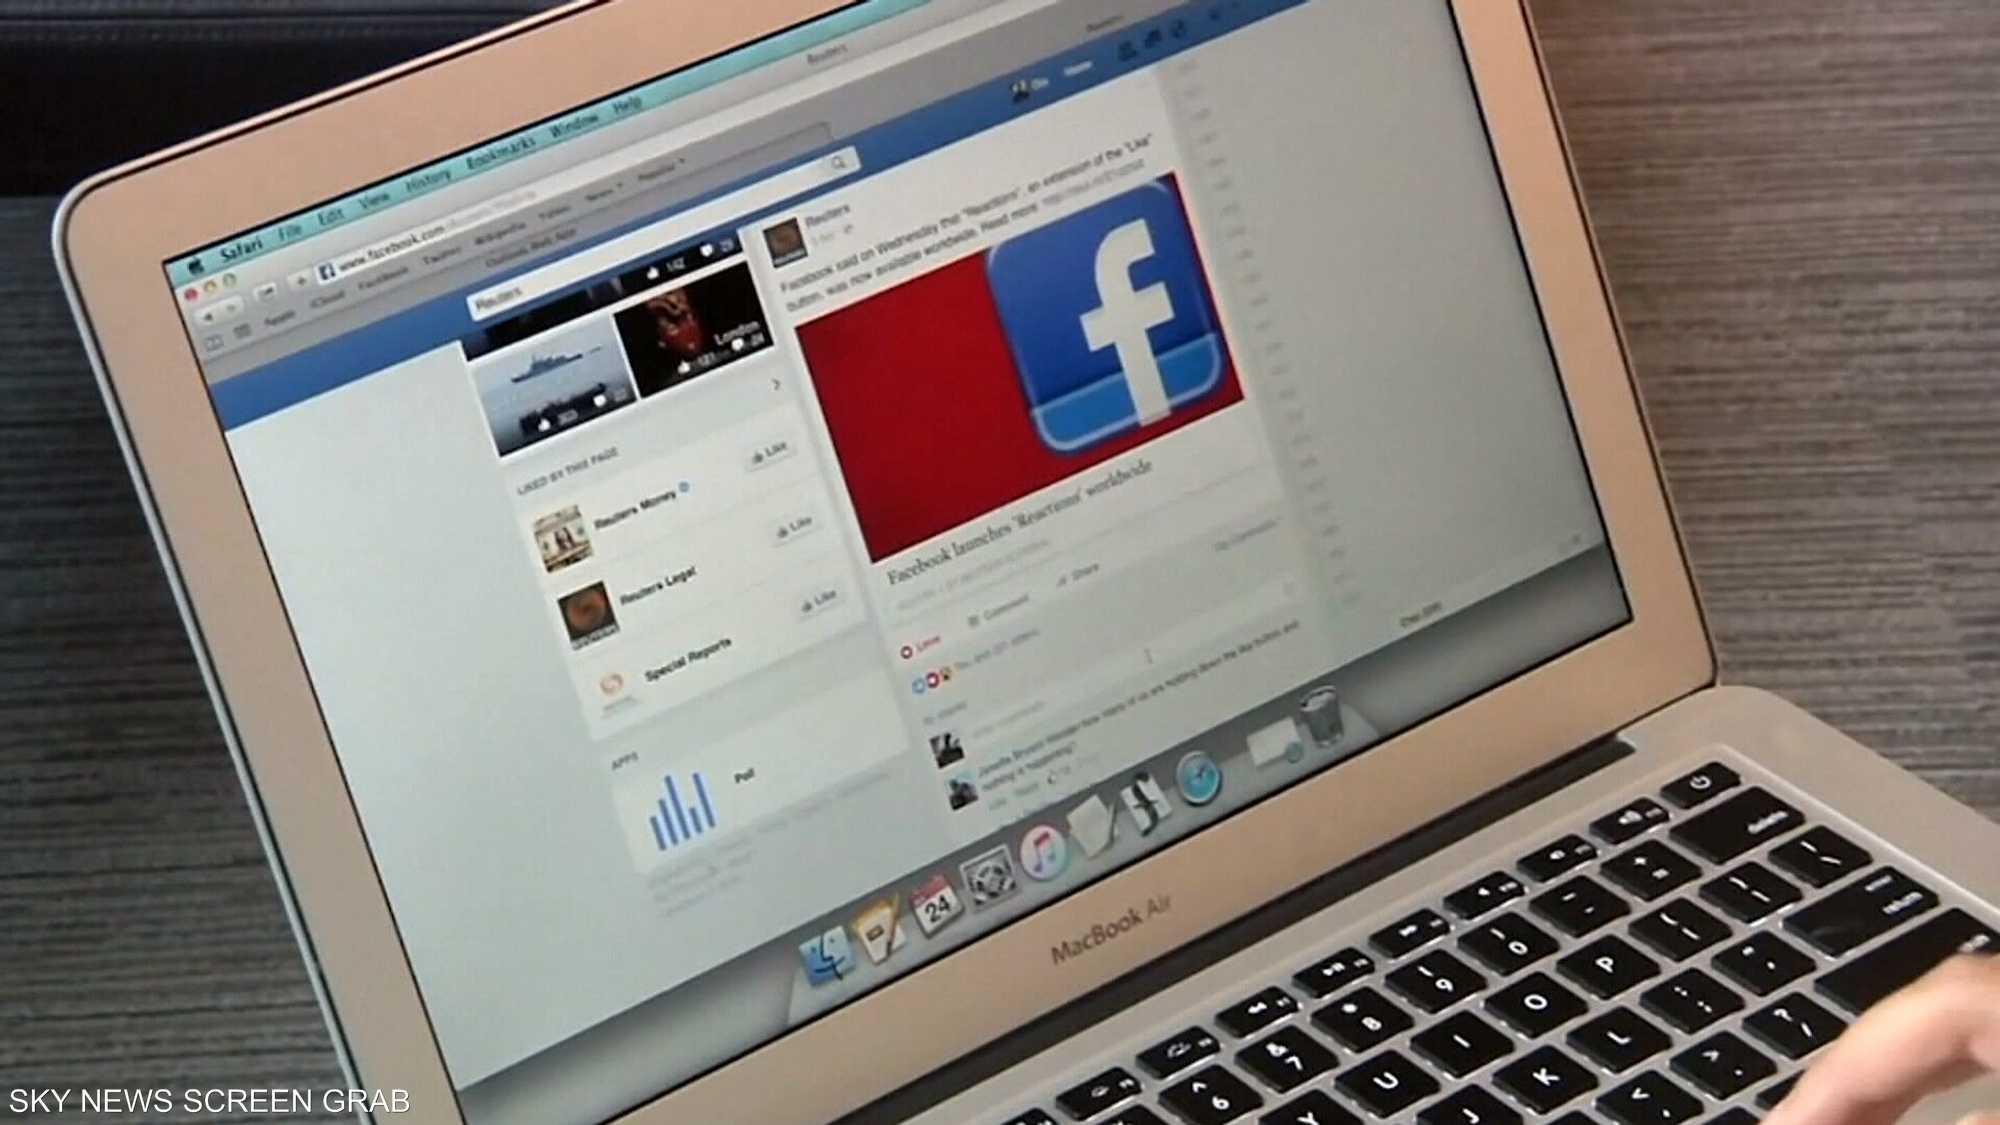 الشعوب الأكثر قضاء للوقت على مواقع التواصل